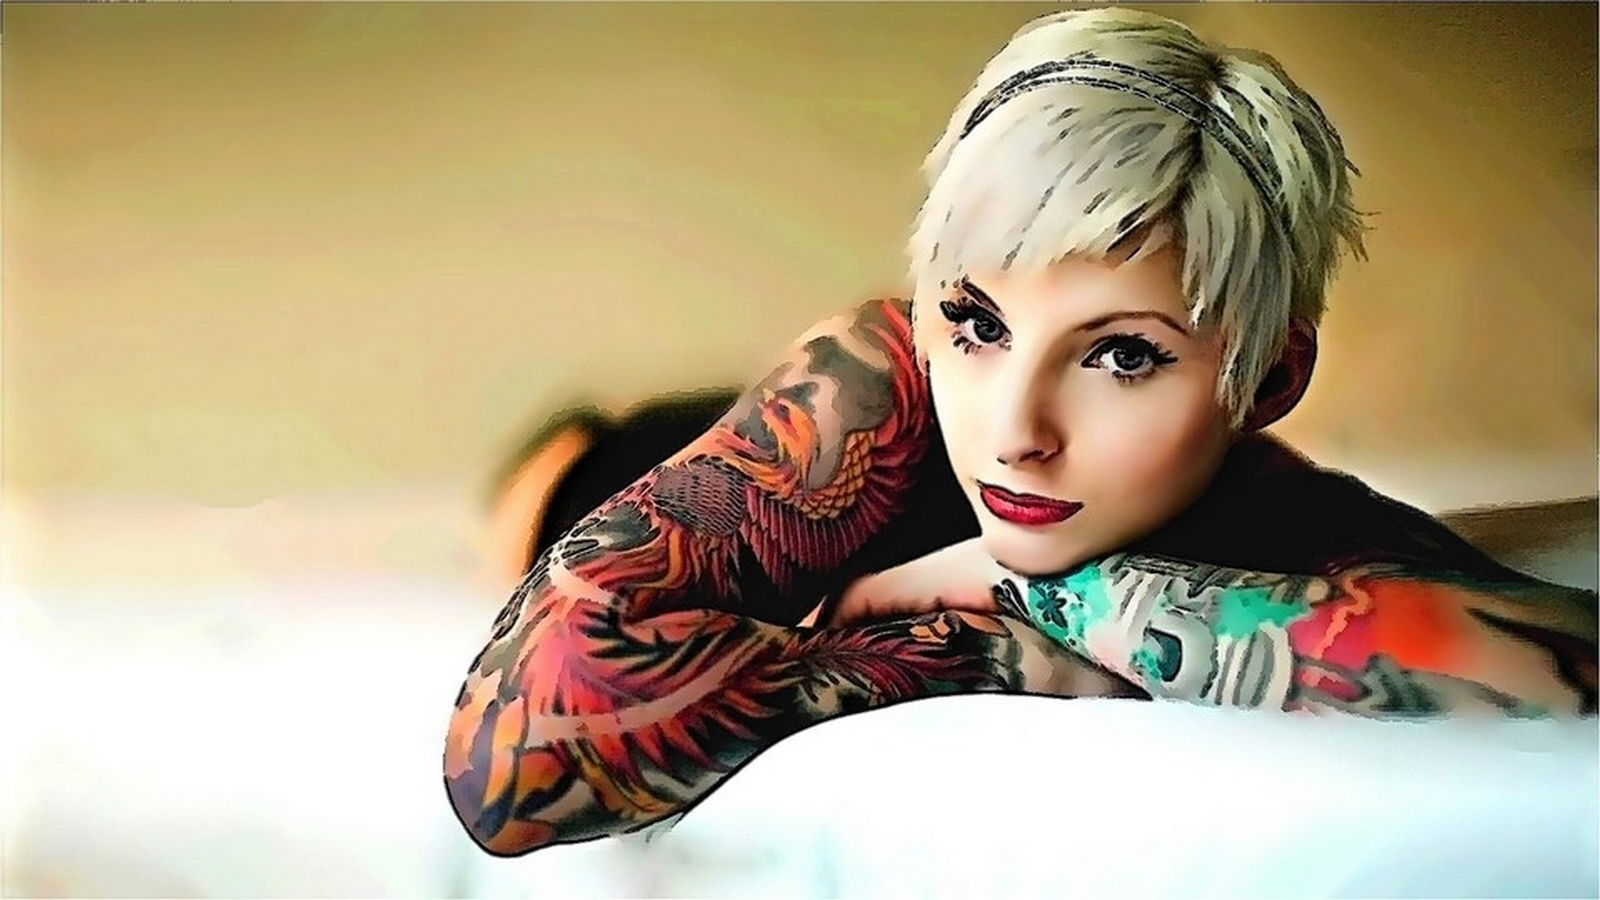 Tattoo Model Wallpaper